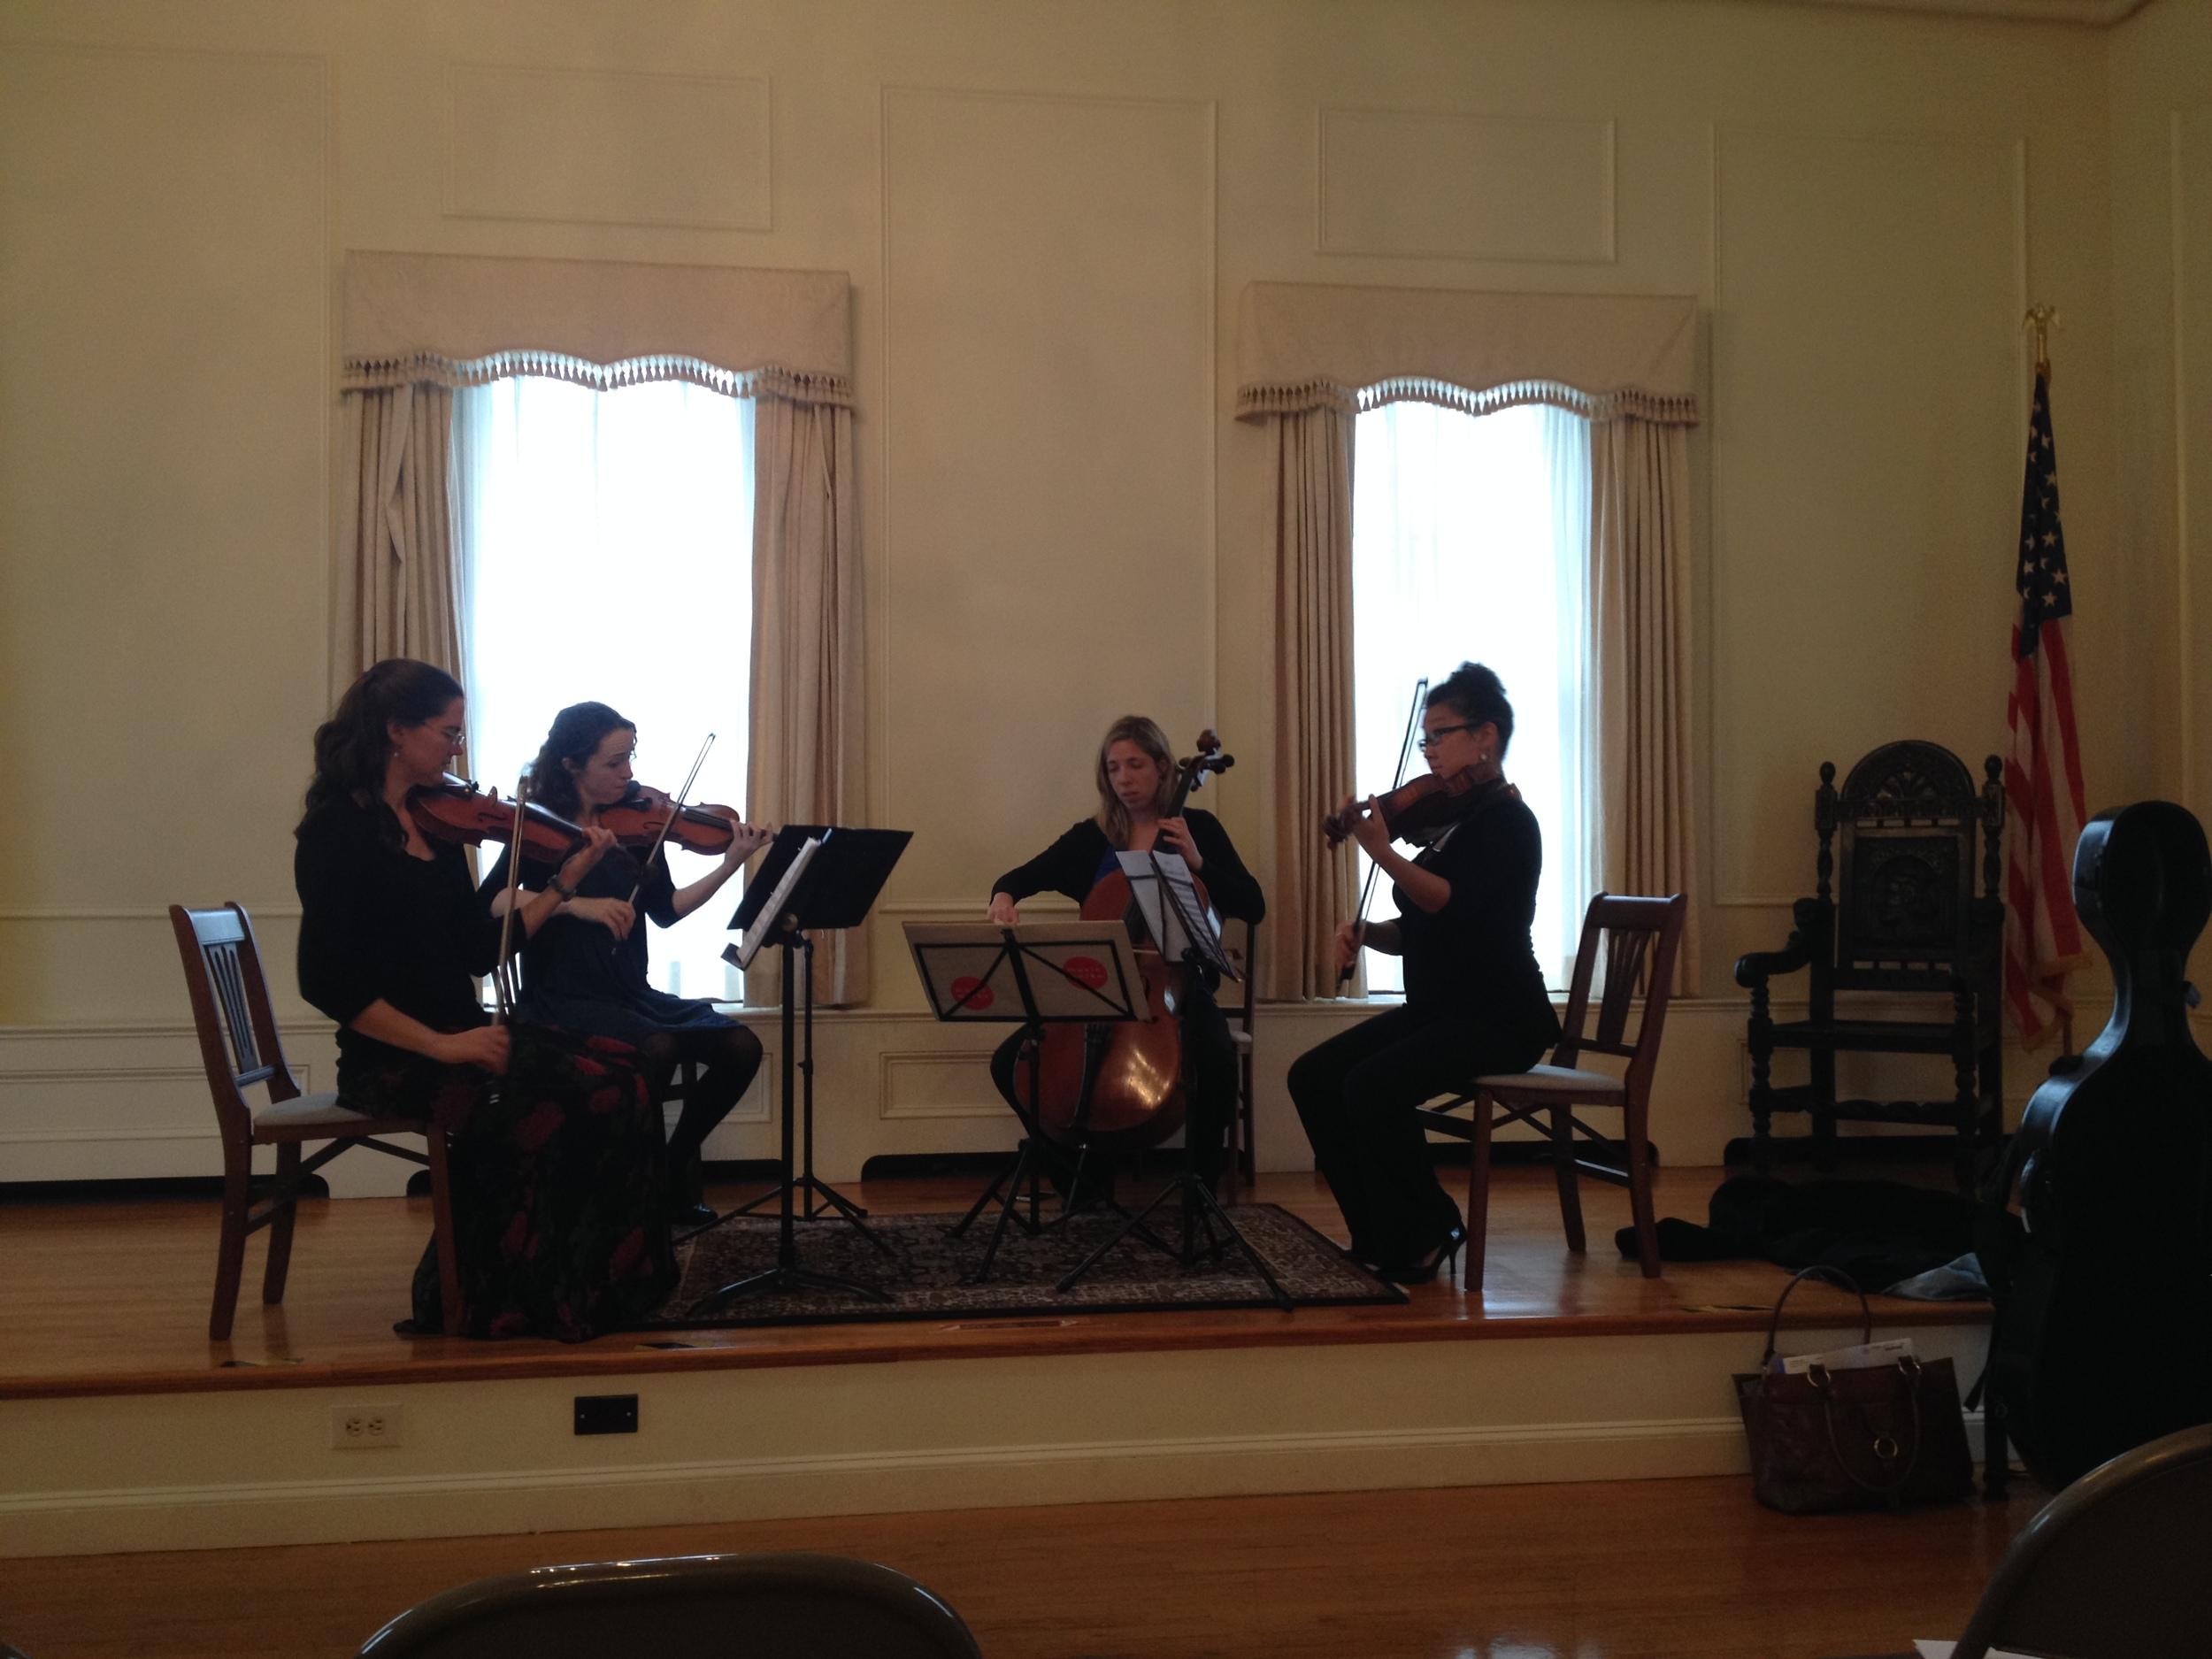 Quartet at ekh